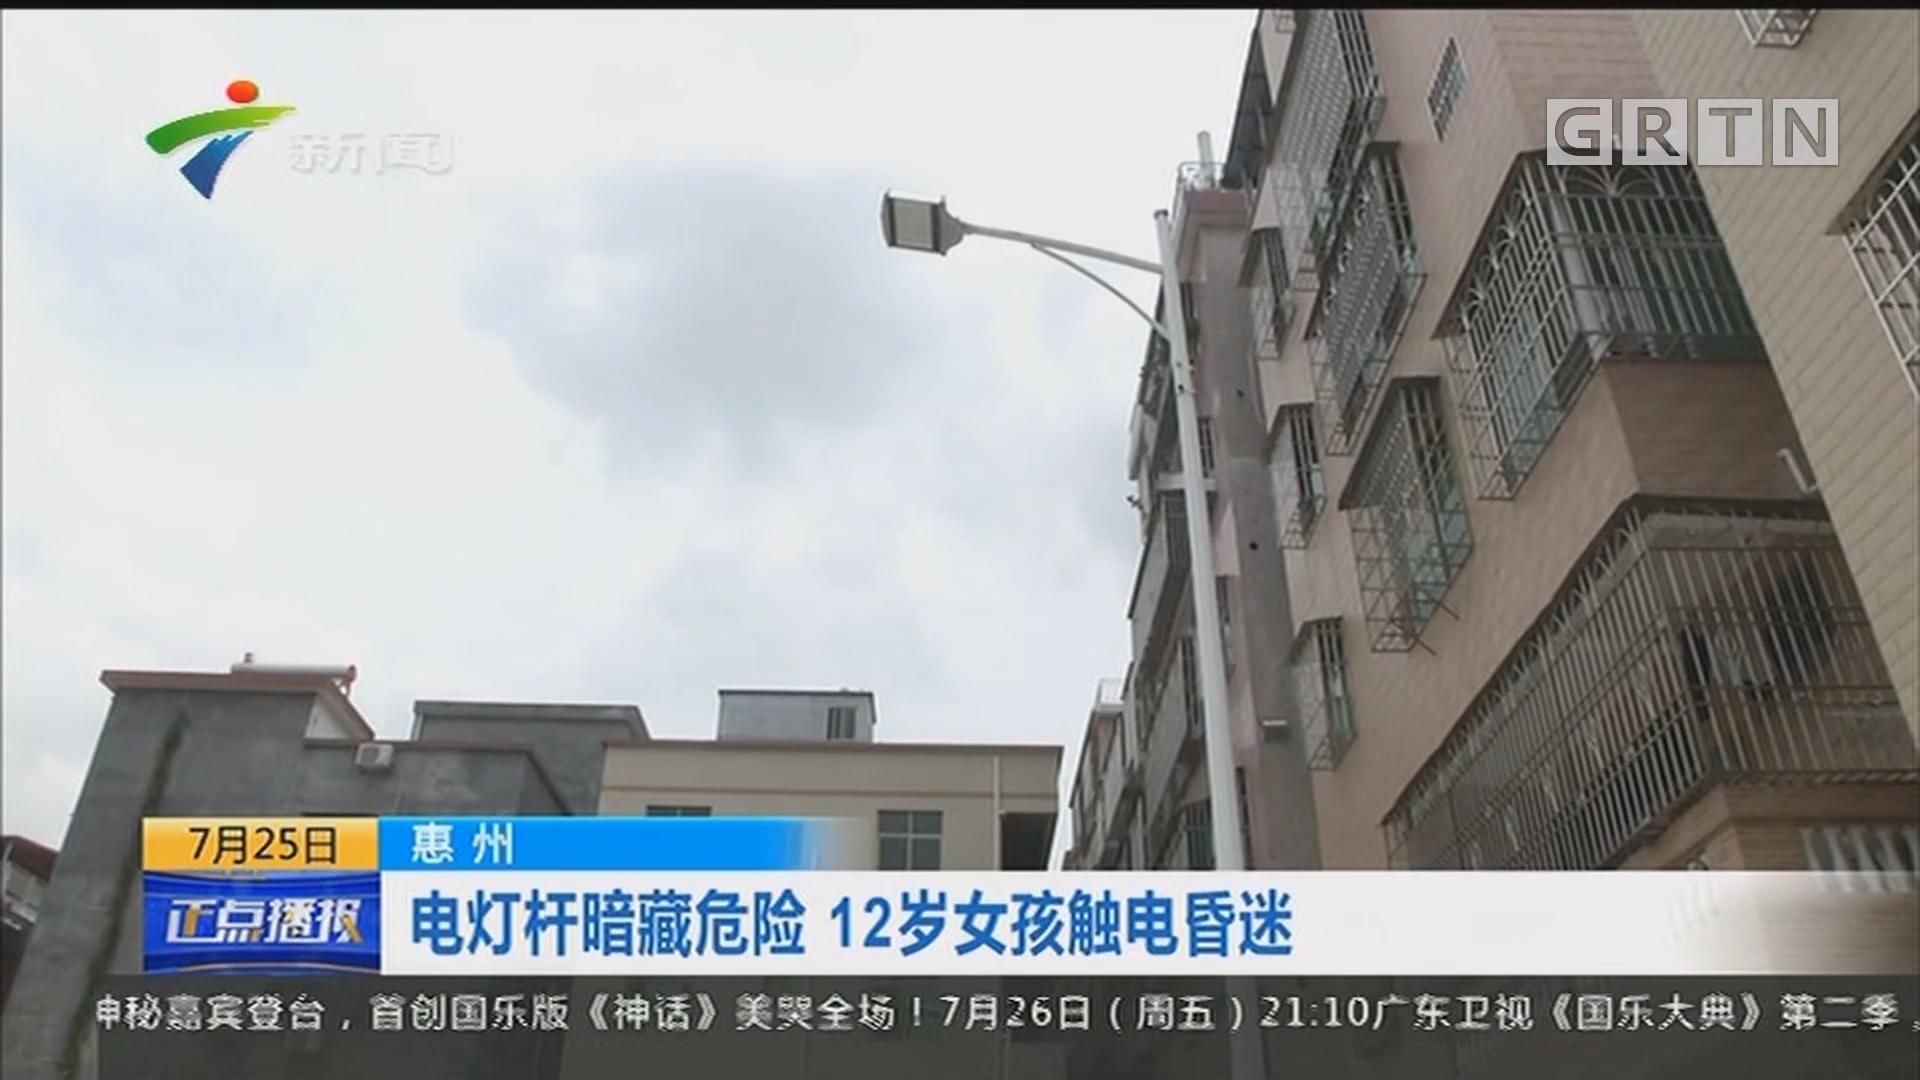 惠州:电灯杆暗藏危险 12岁女孩触电昏迷